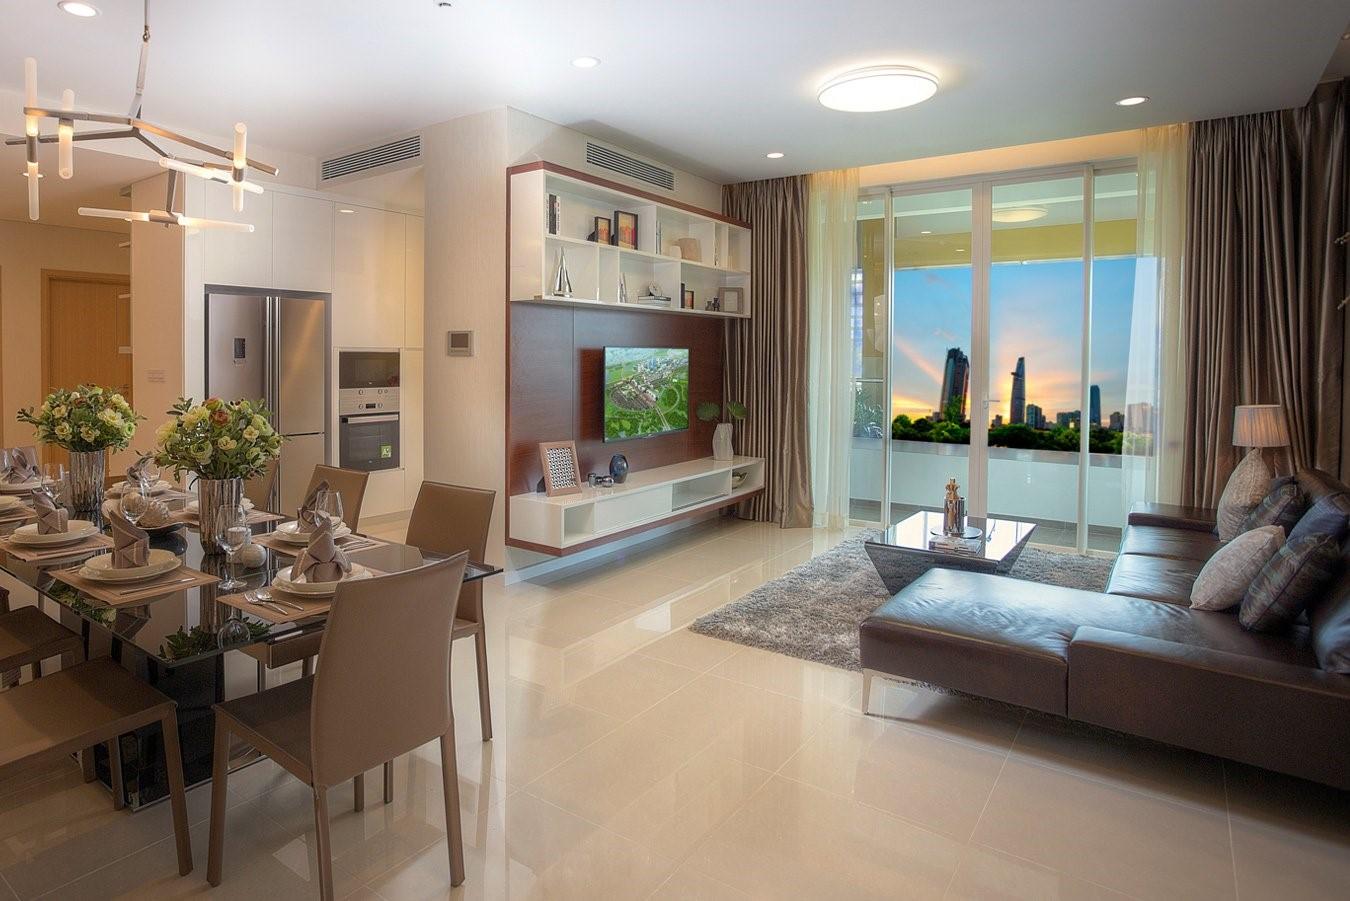 Phối cảnh nội thất căn hộ Bel Air Hà Nội